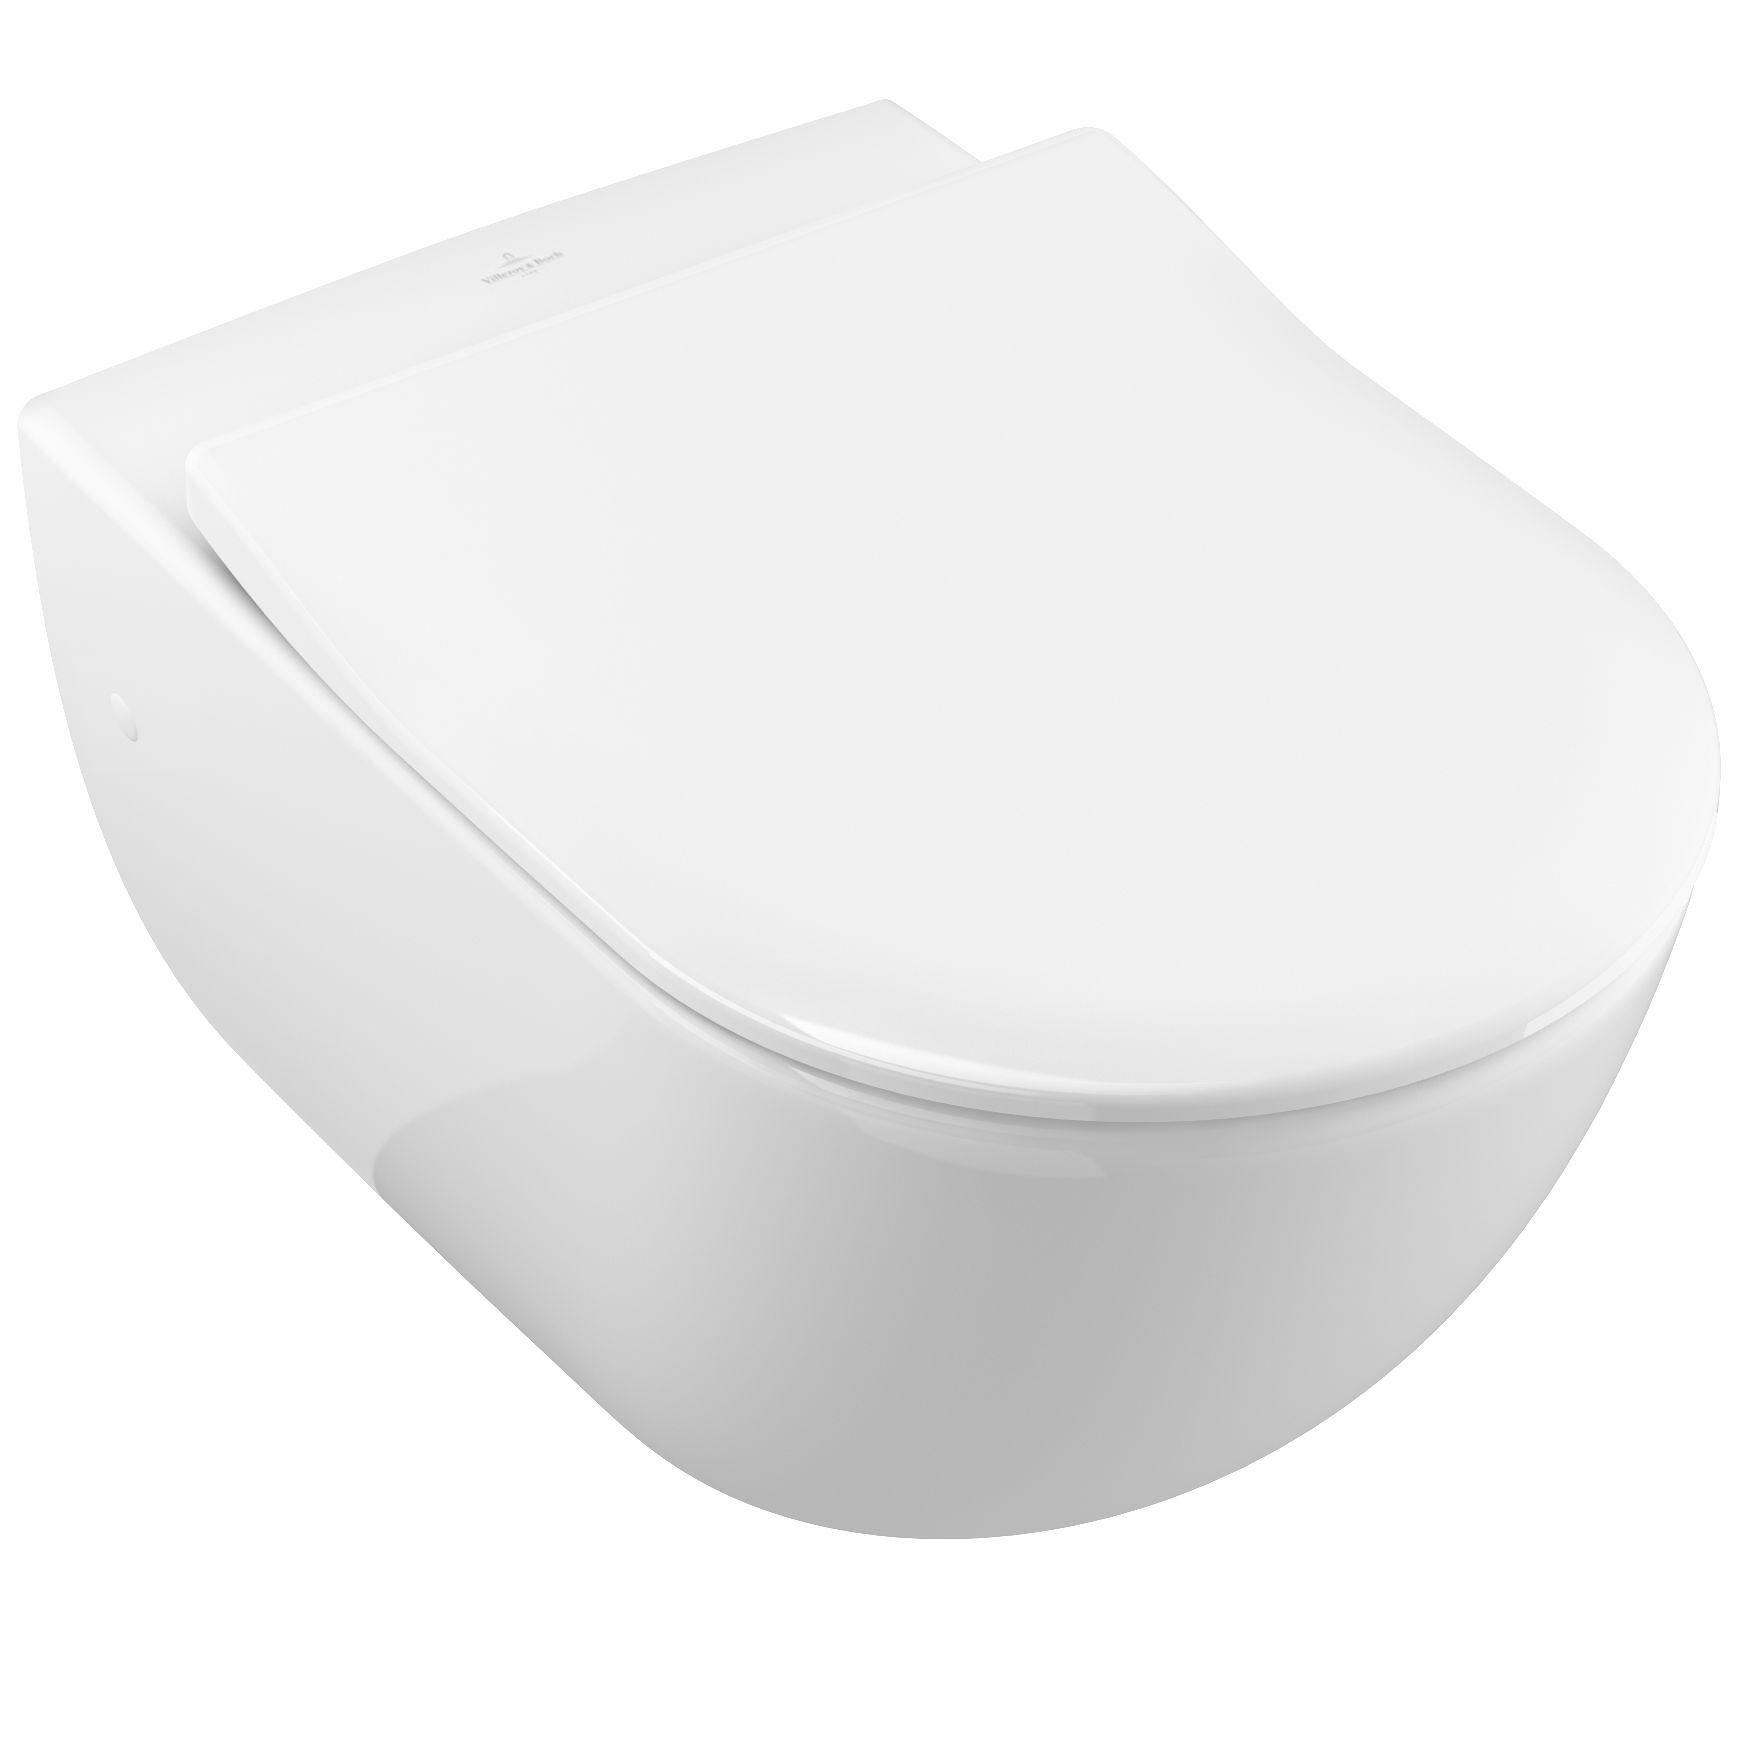 Villeroy & Boch Subway WC-Sitz Slimseat mit Quick Release und Absenkautomatik soft-close starwhite 9M65S1R2